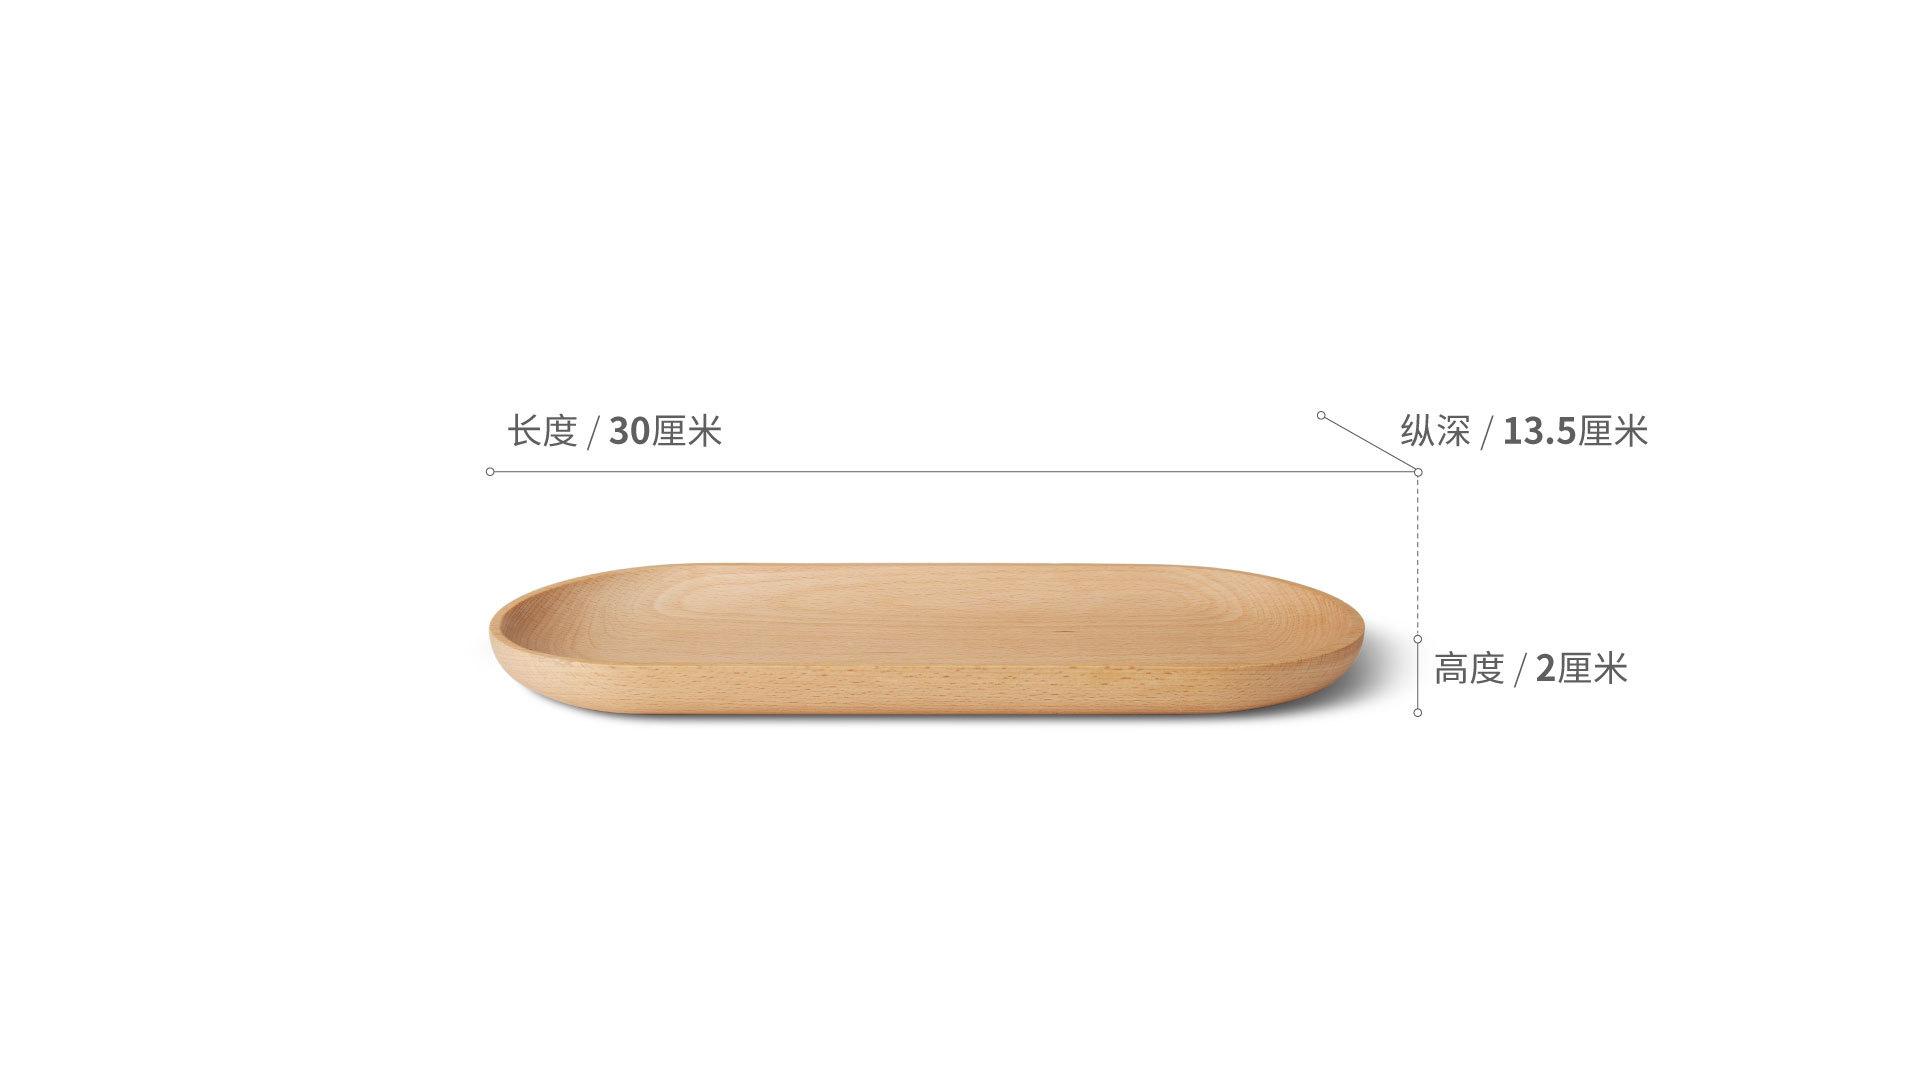 渔舟榉木托盘中托盘餐具效果图